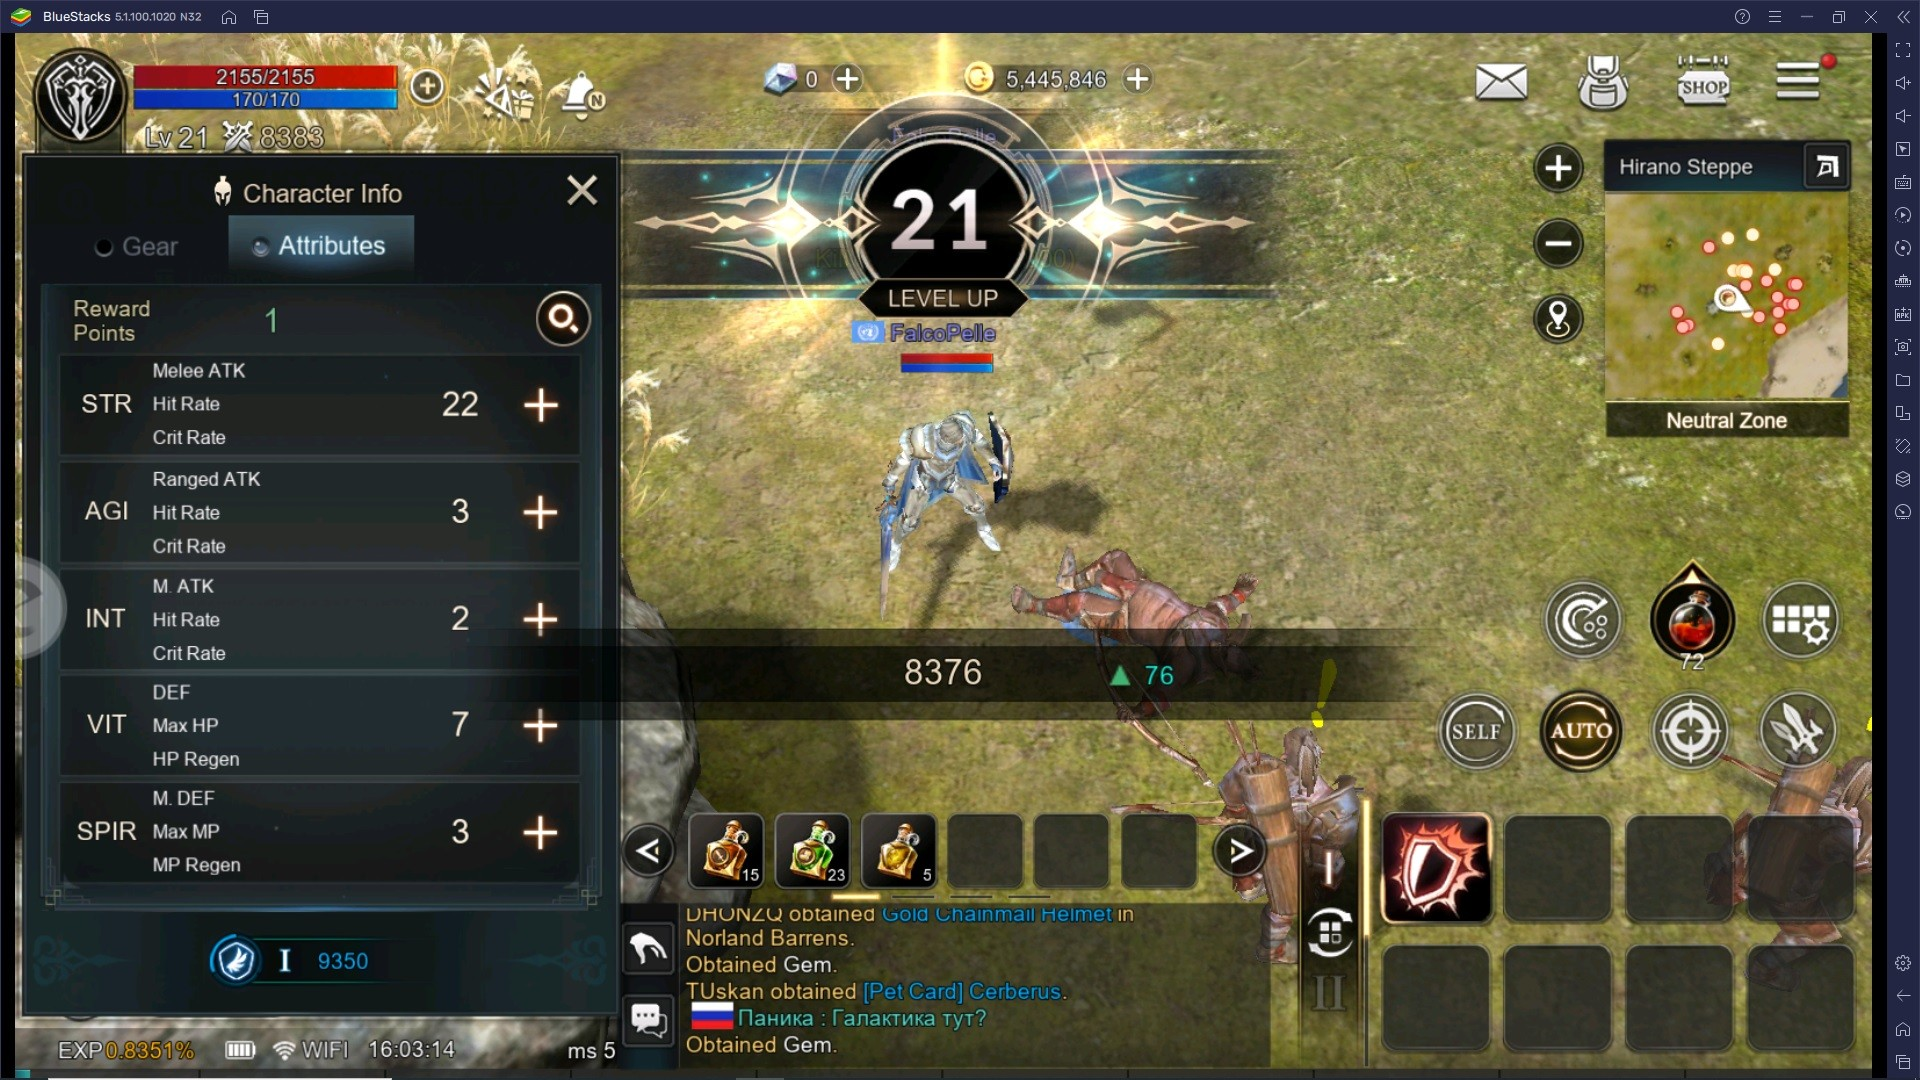 Sfrutta le funzionalità di BlueStacks per giocare al meglio Kingdom: The Blood Pledge